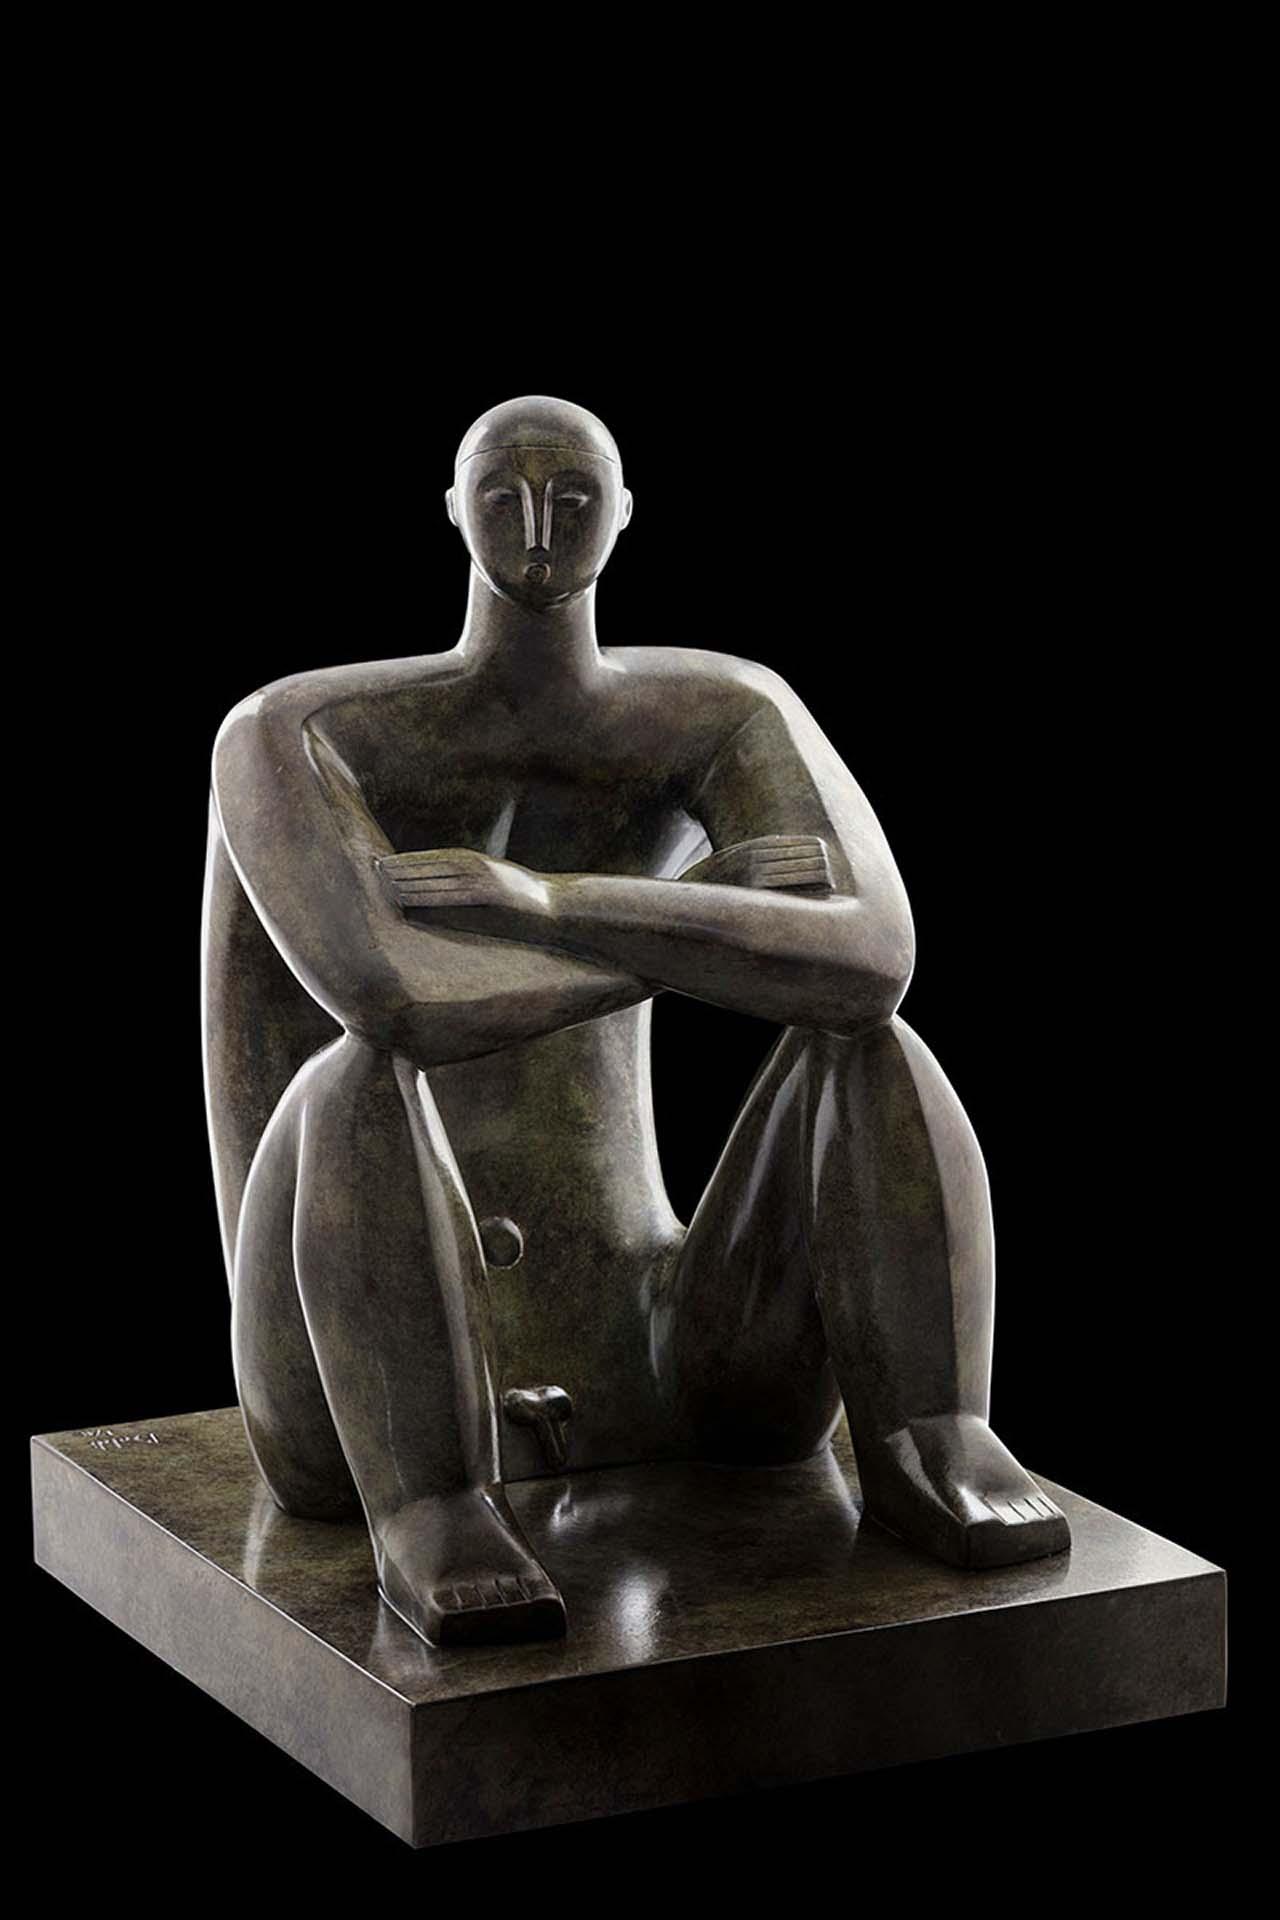 Boldi, Seagazer, bronze